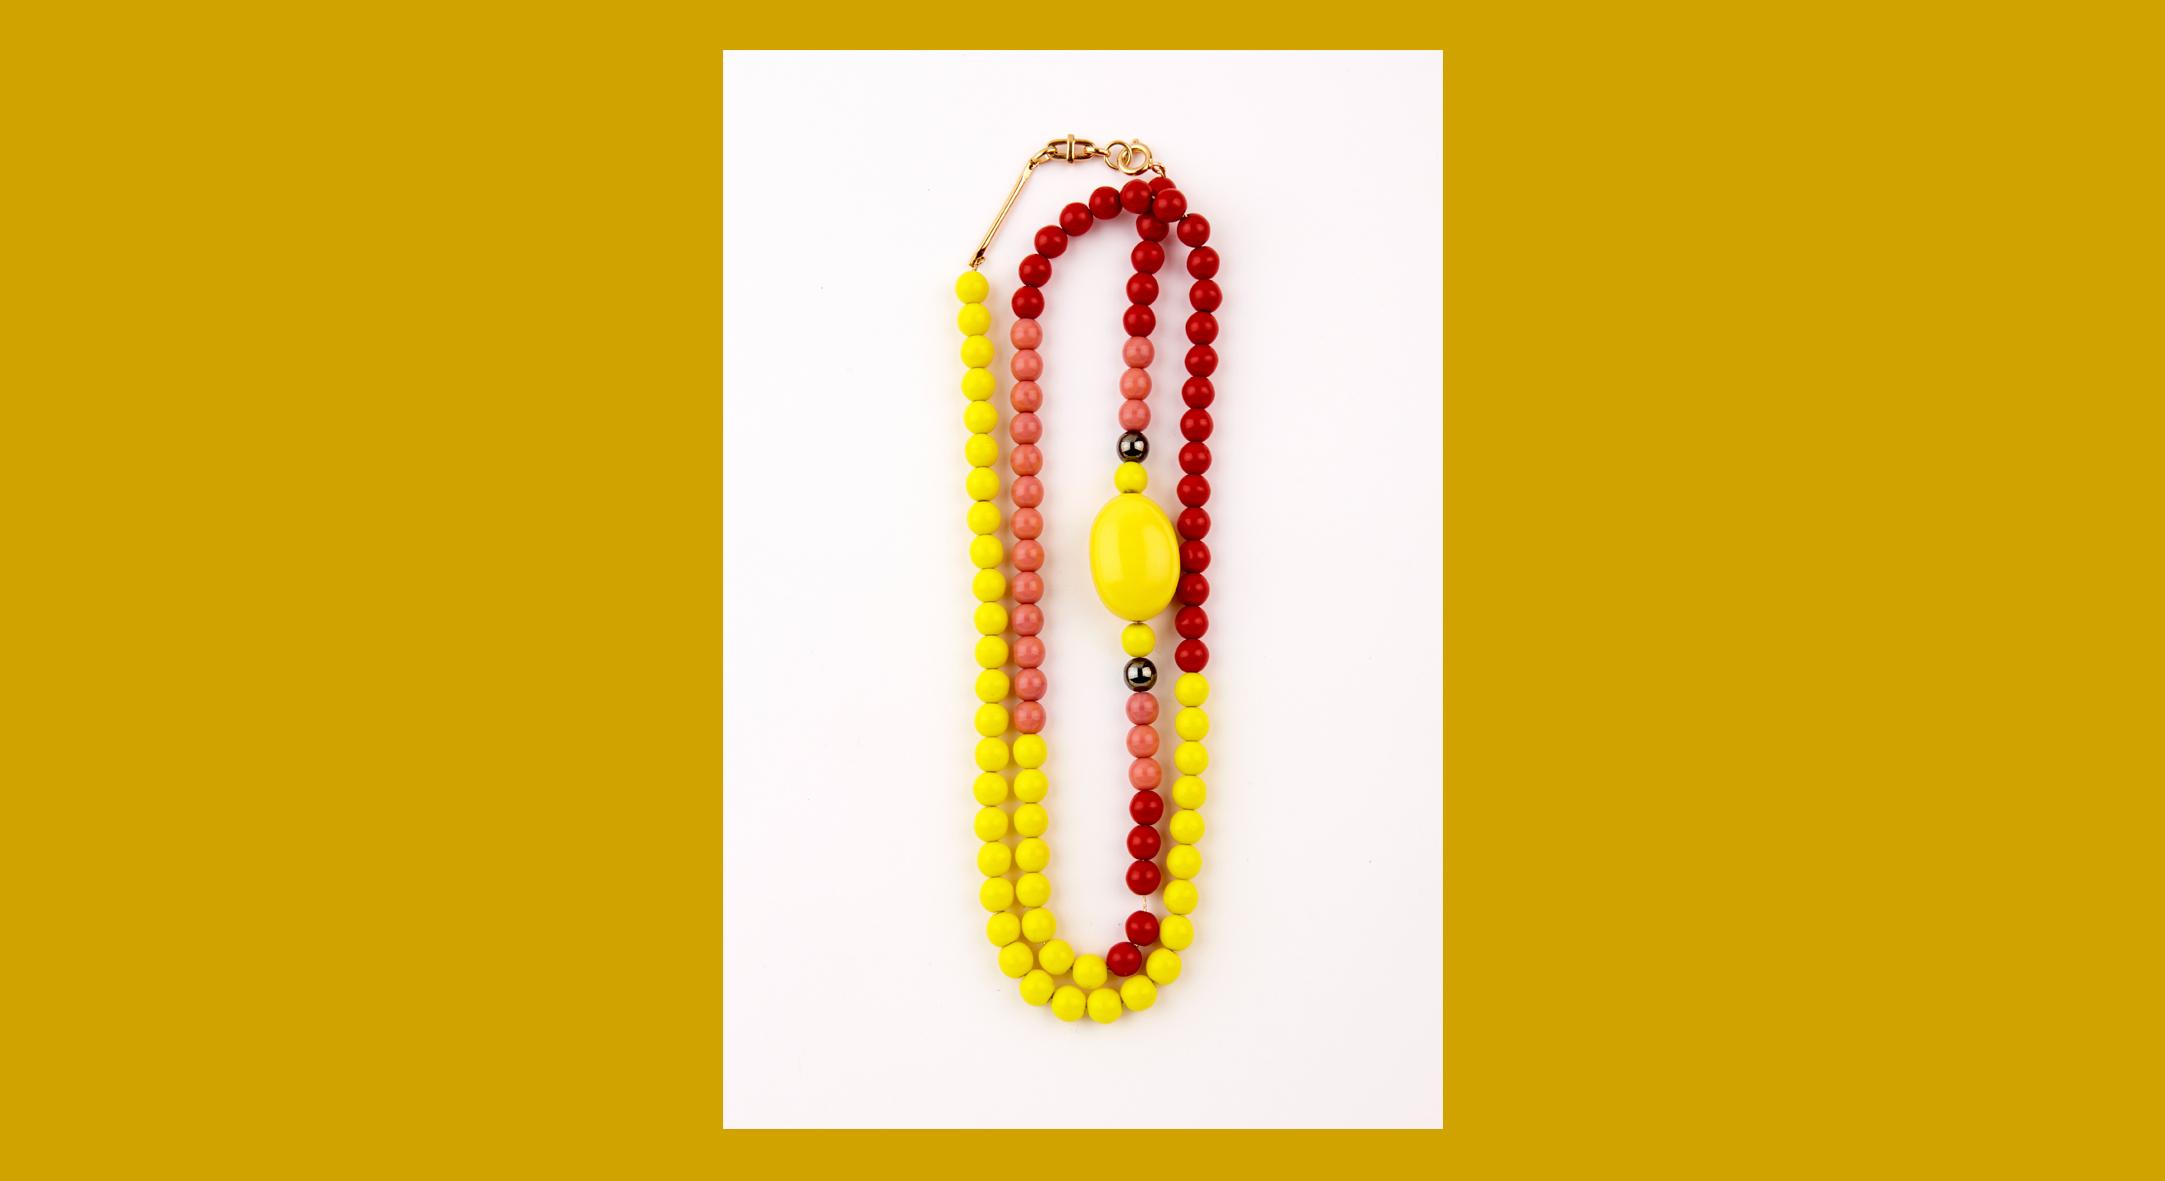 El Amarillo-tendencia-Alice in Beautyland-collar